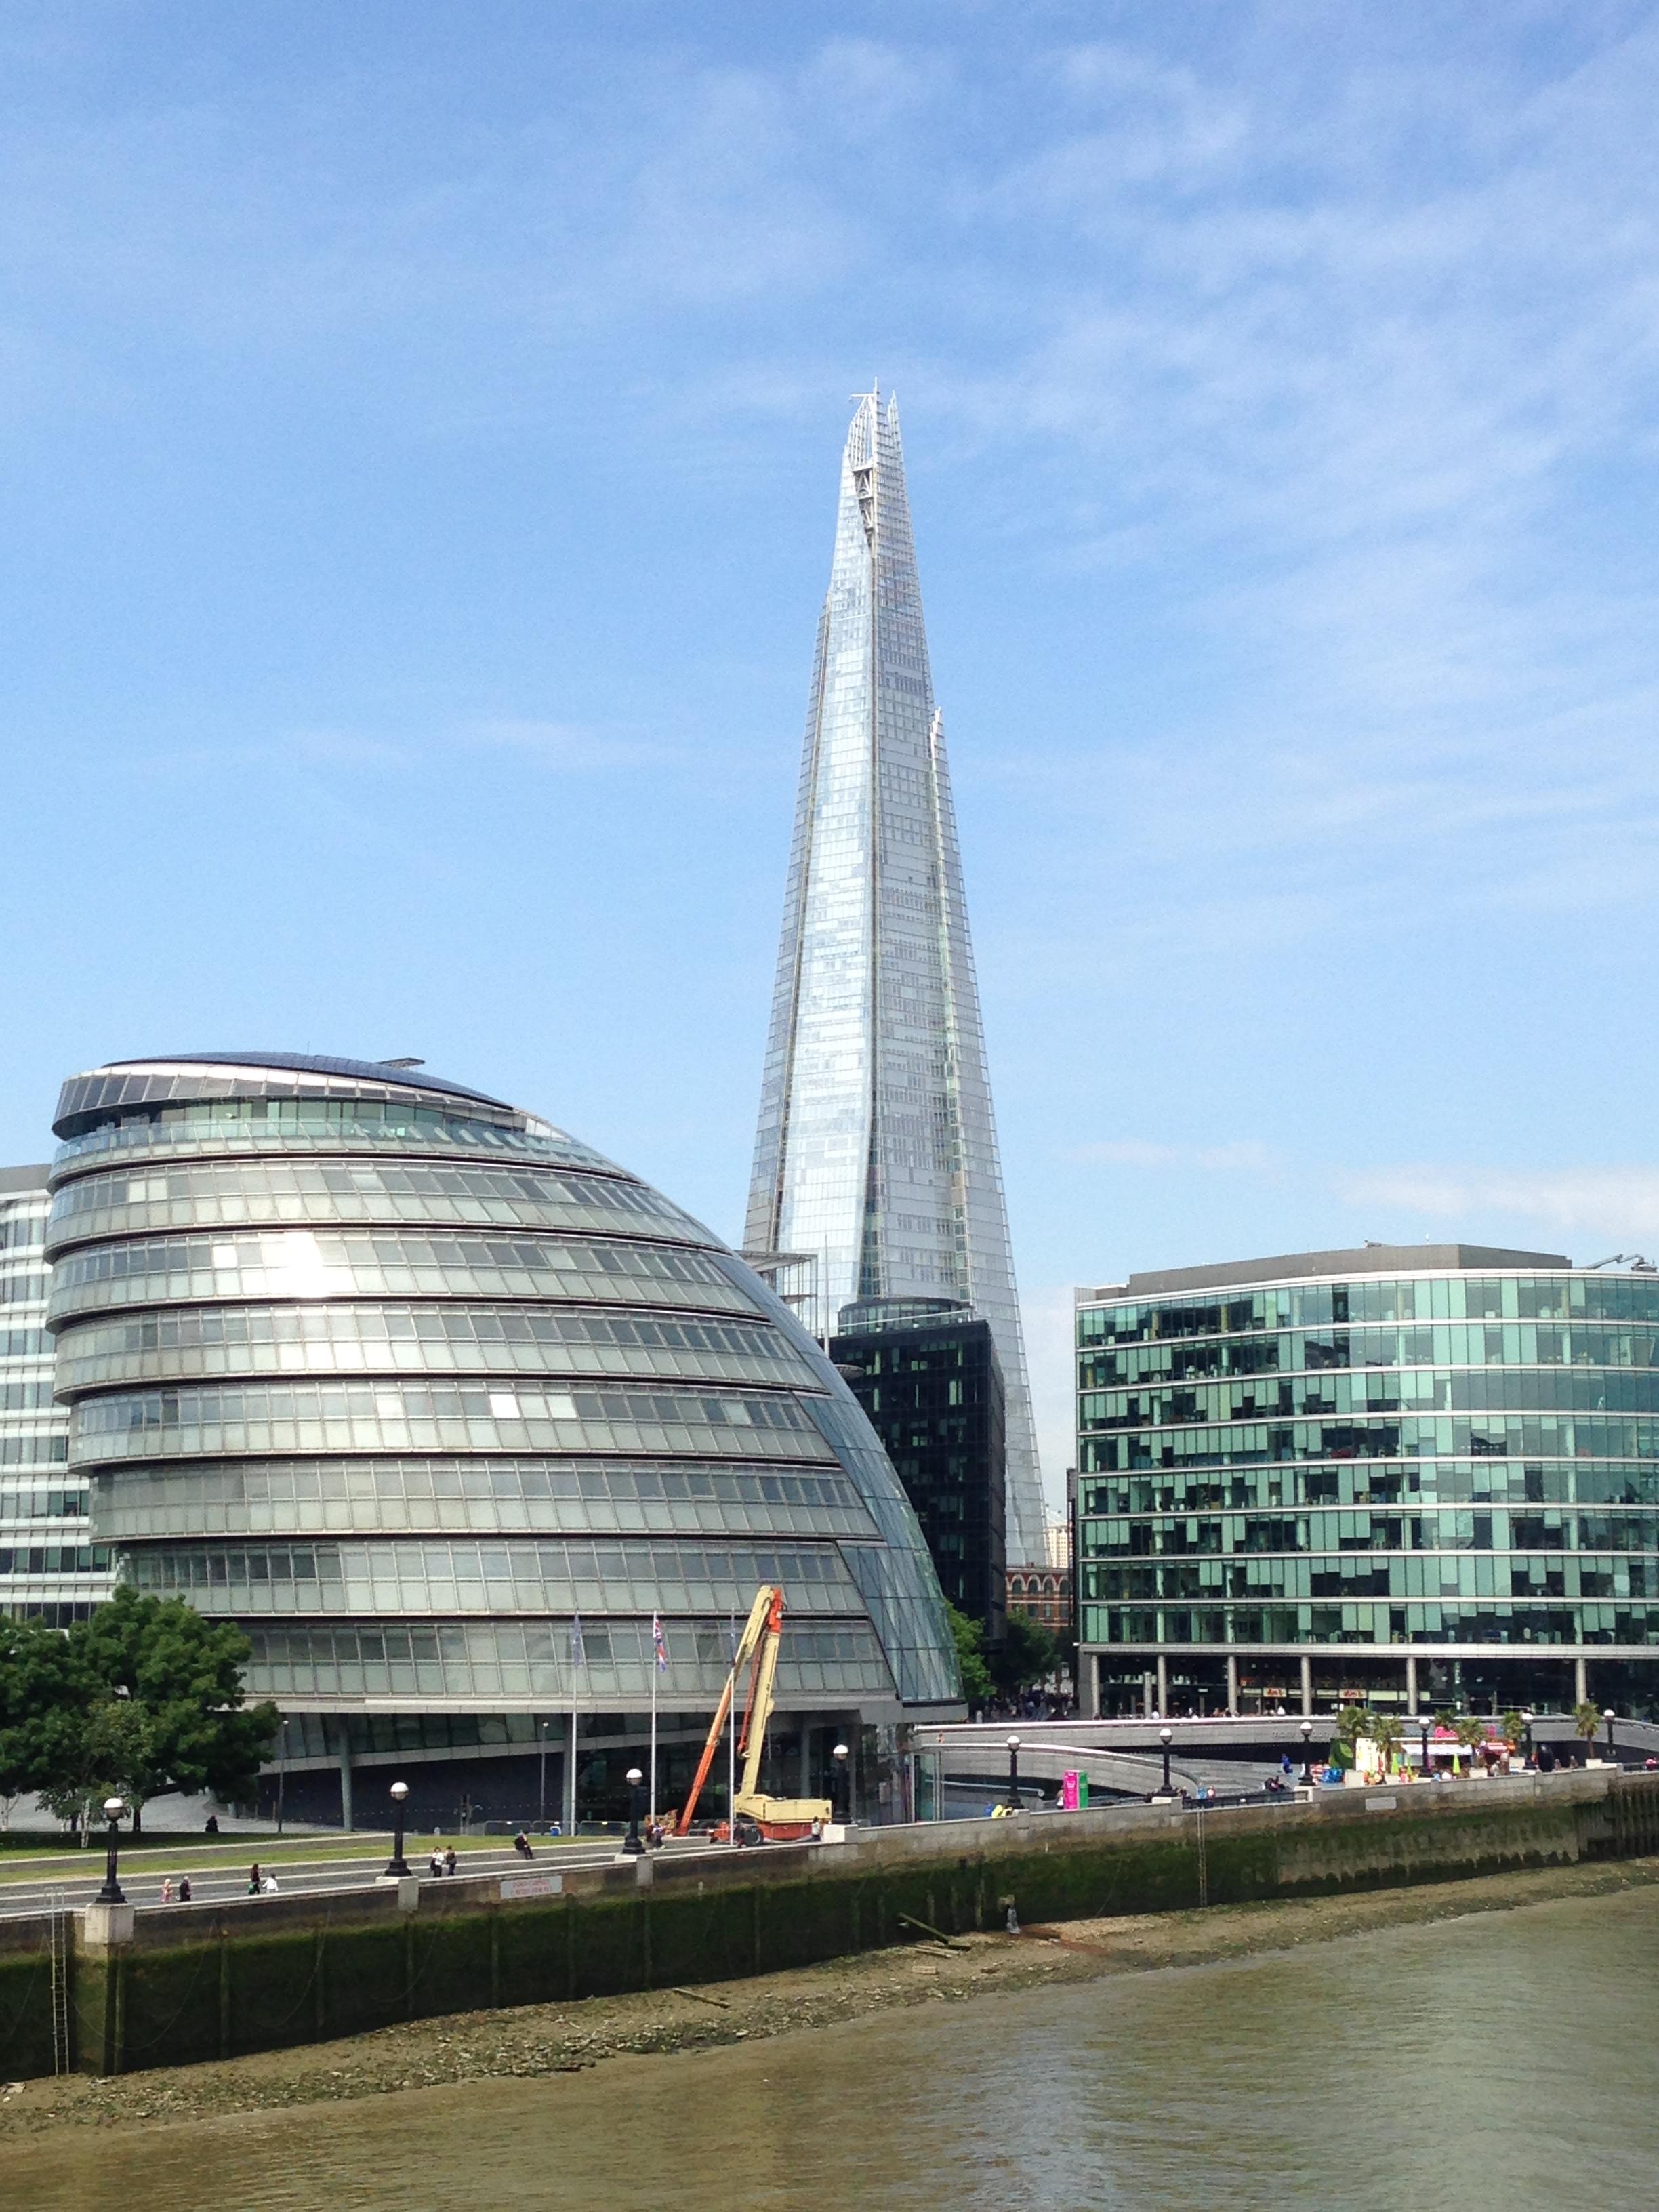 Londoncbisset2013